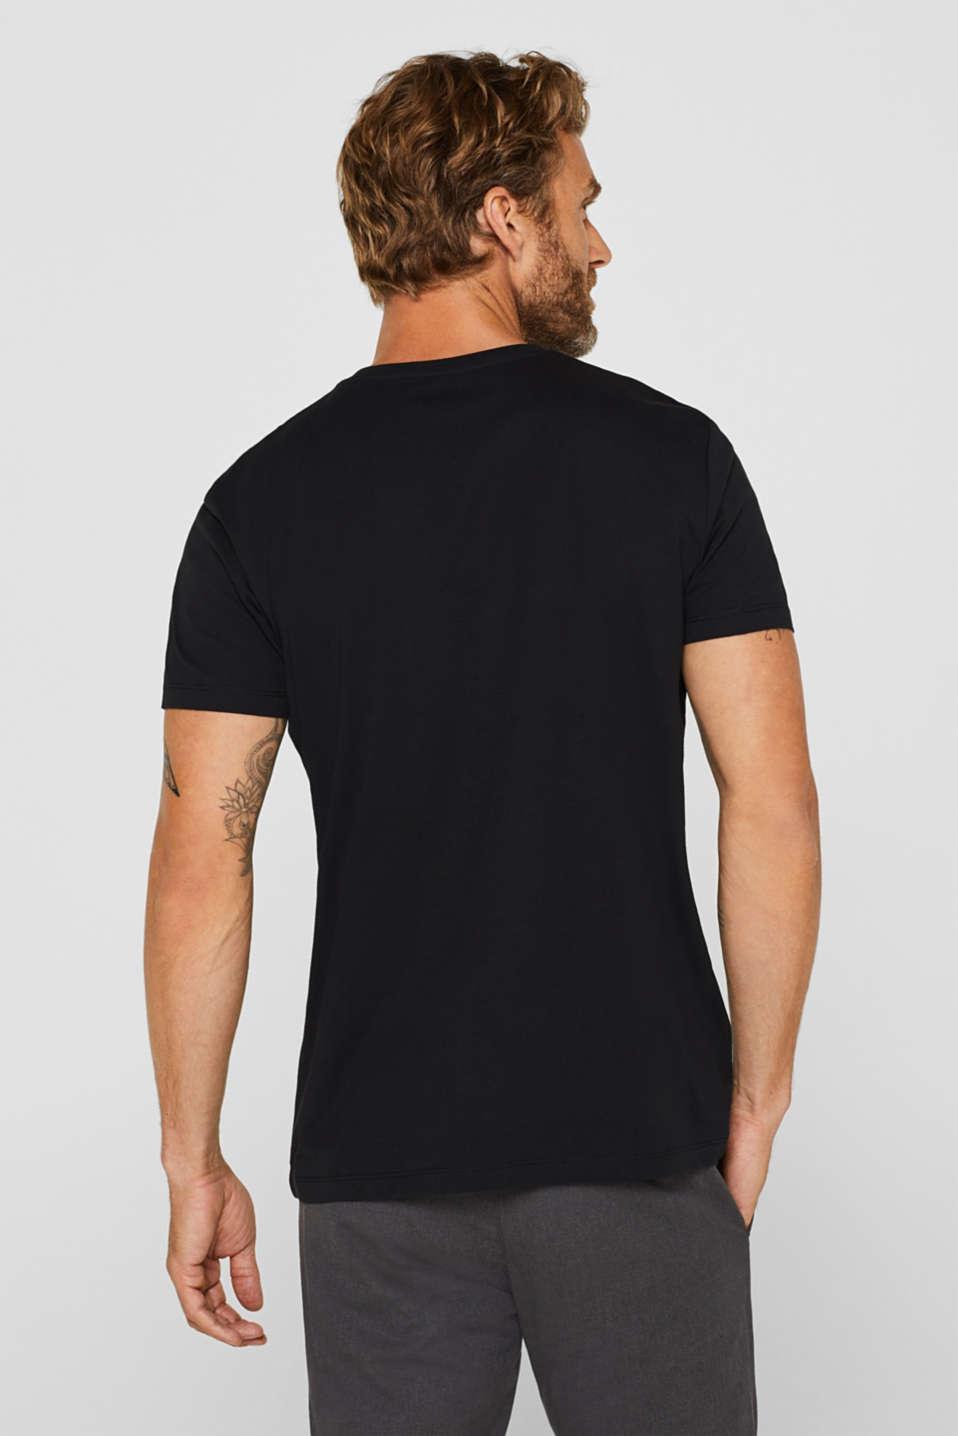 Jersey logo T-shirt, 100% cotton, BLACK, detail image number 3